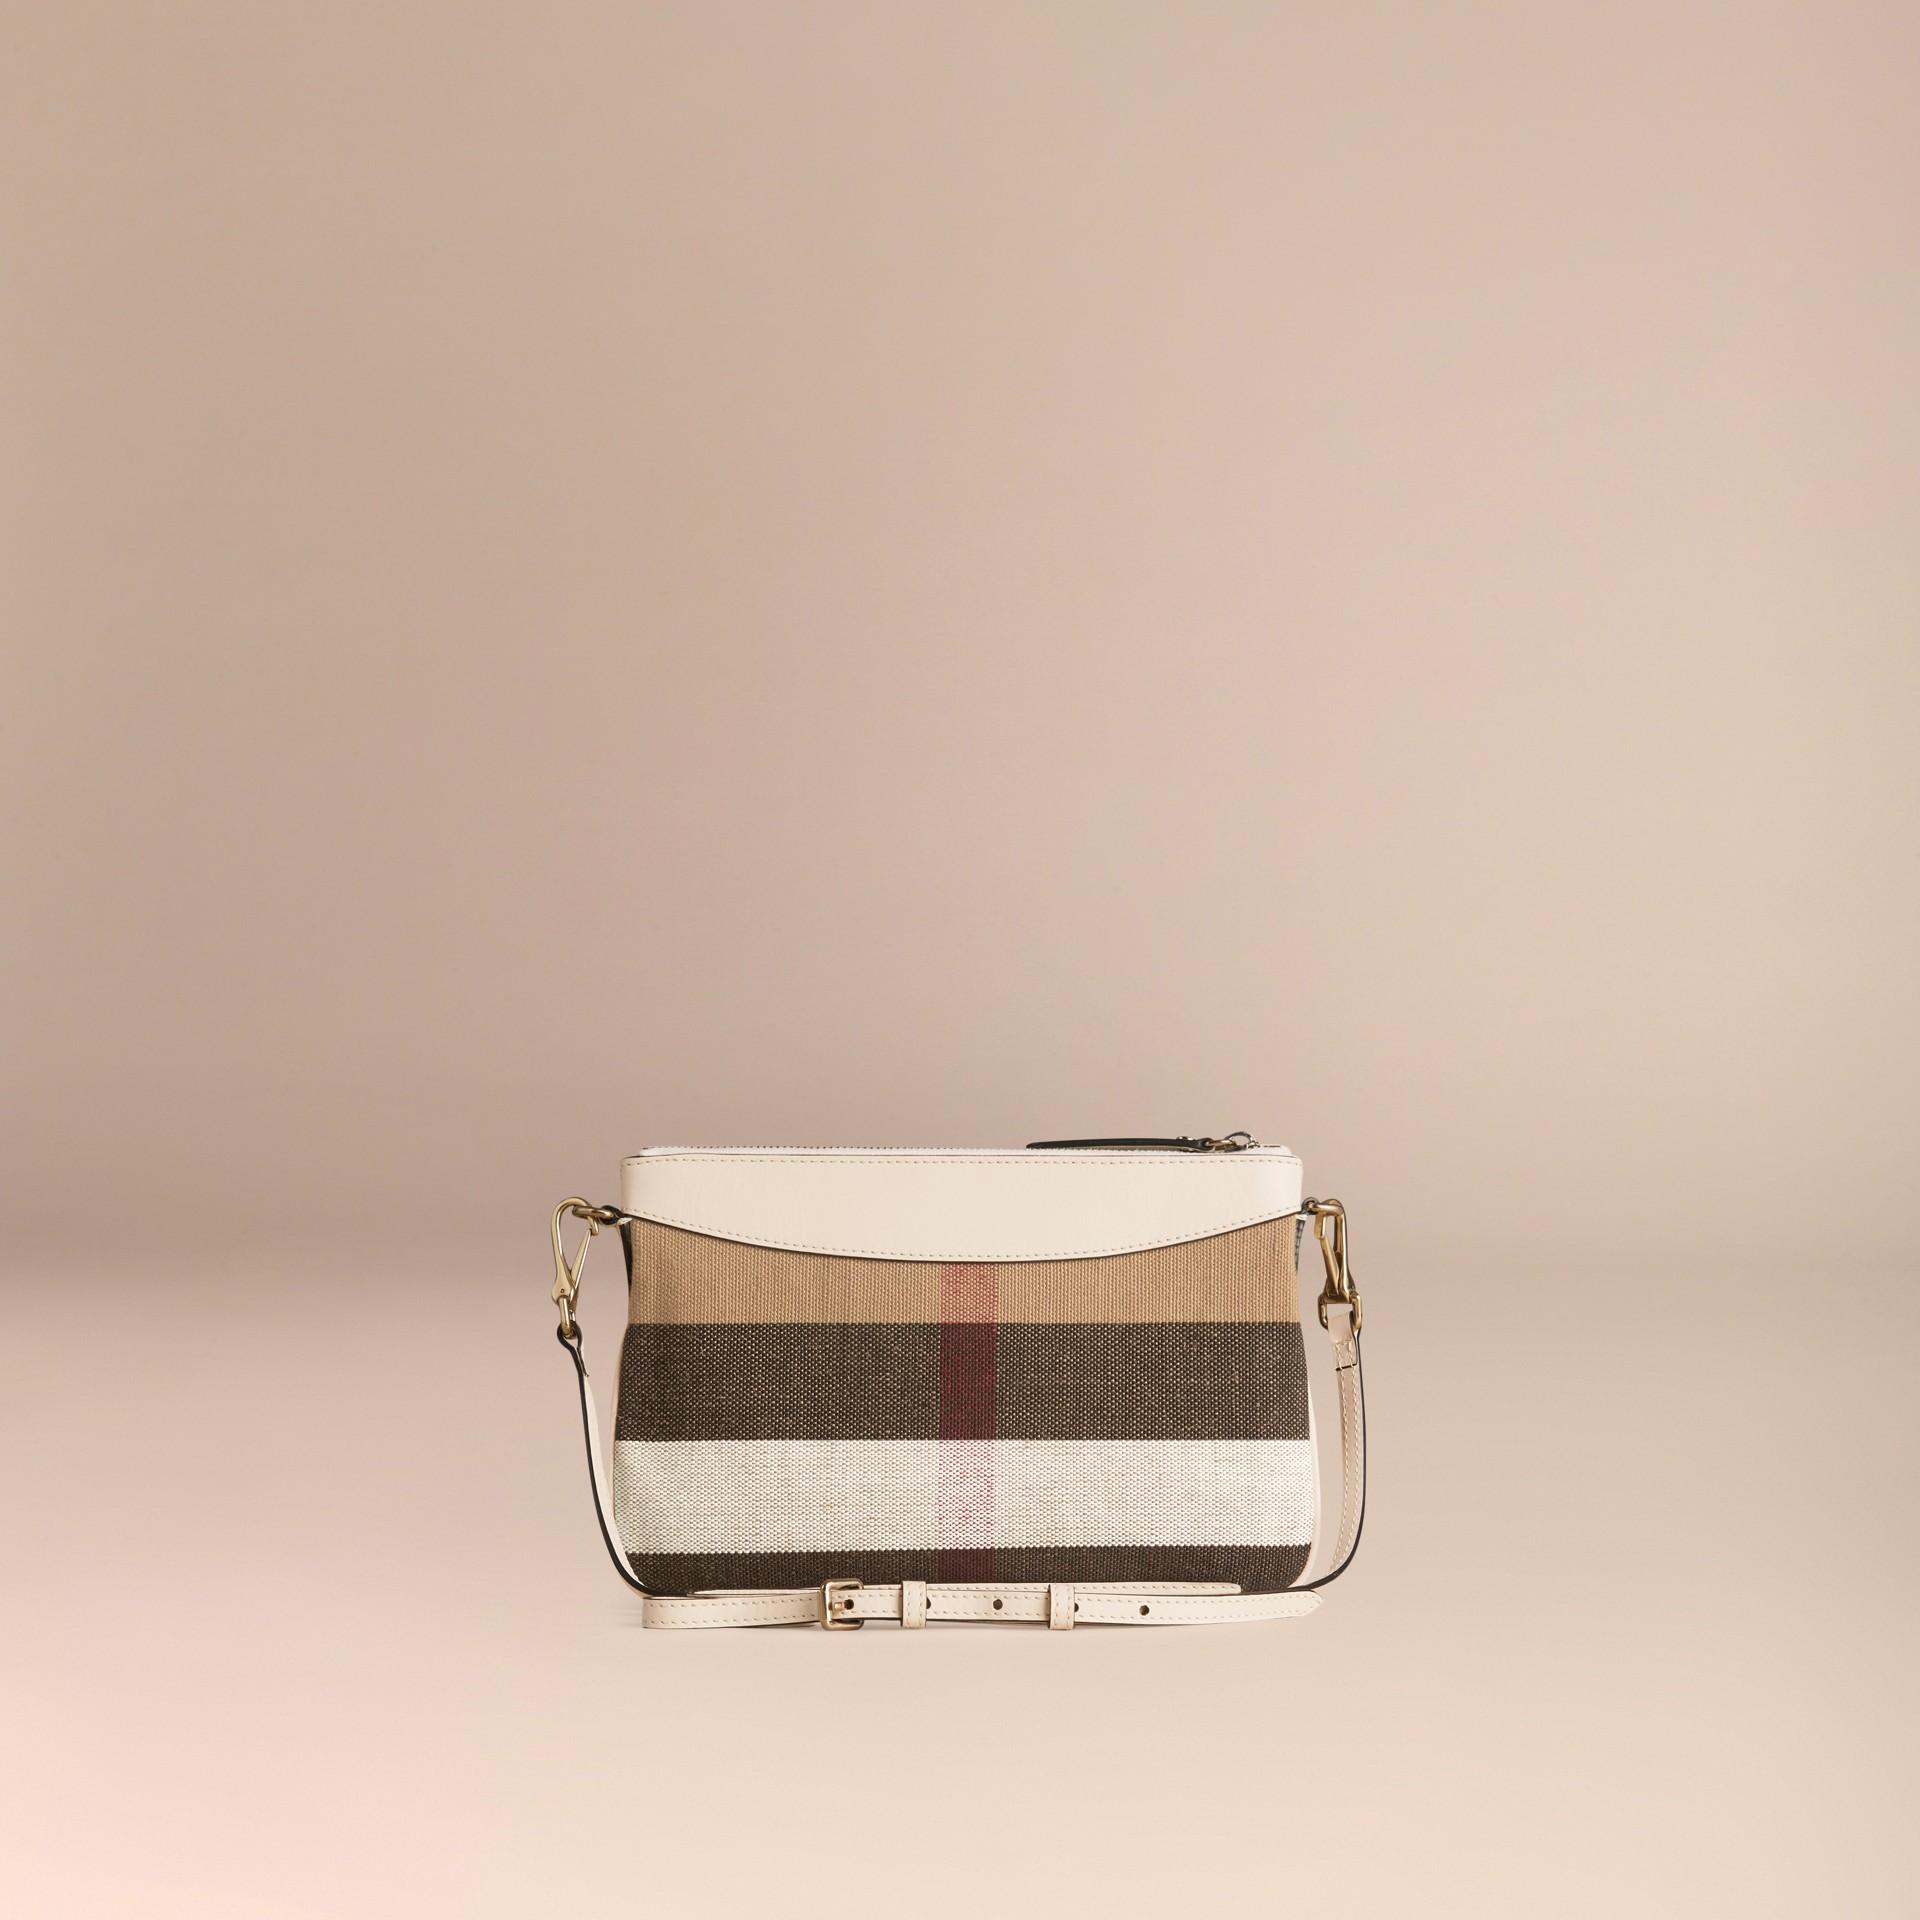 Branco Bolsa clutch de couro com padrão Canvas check - galeria de imagens 4